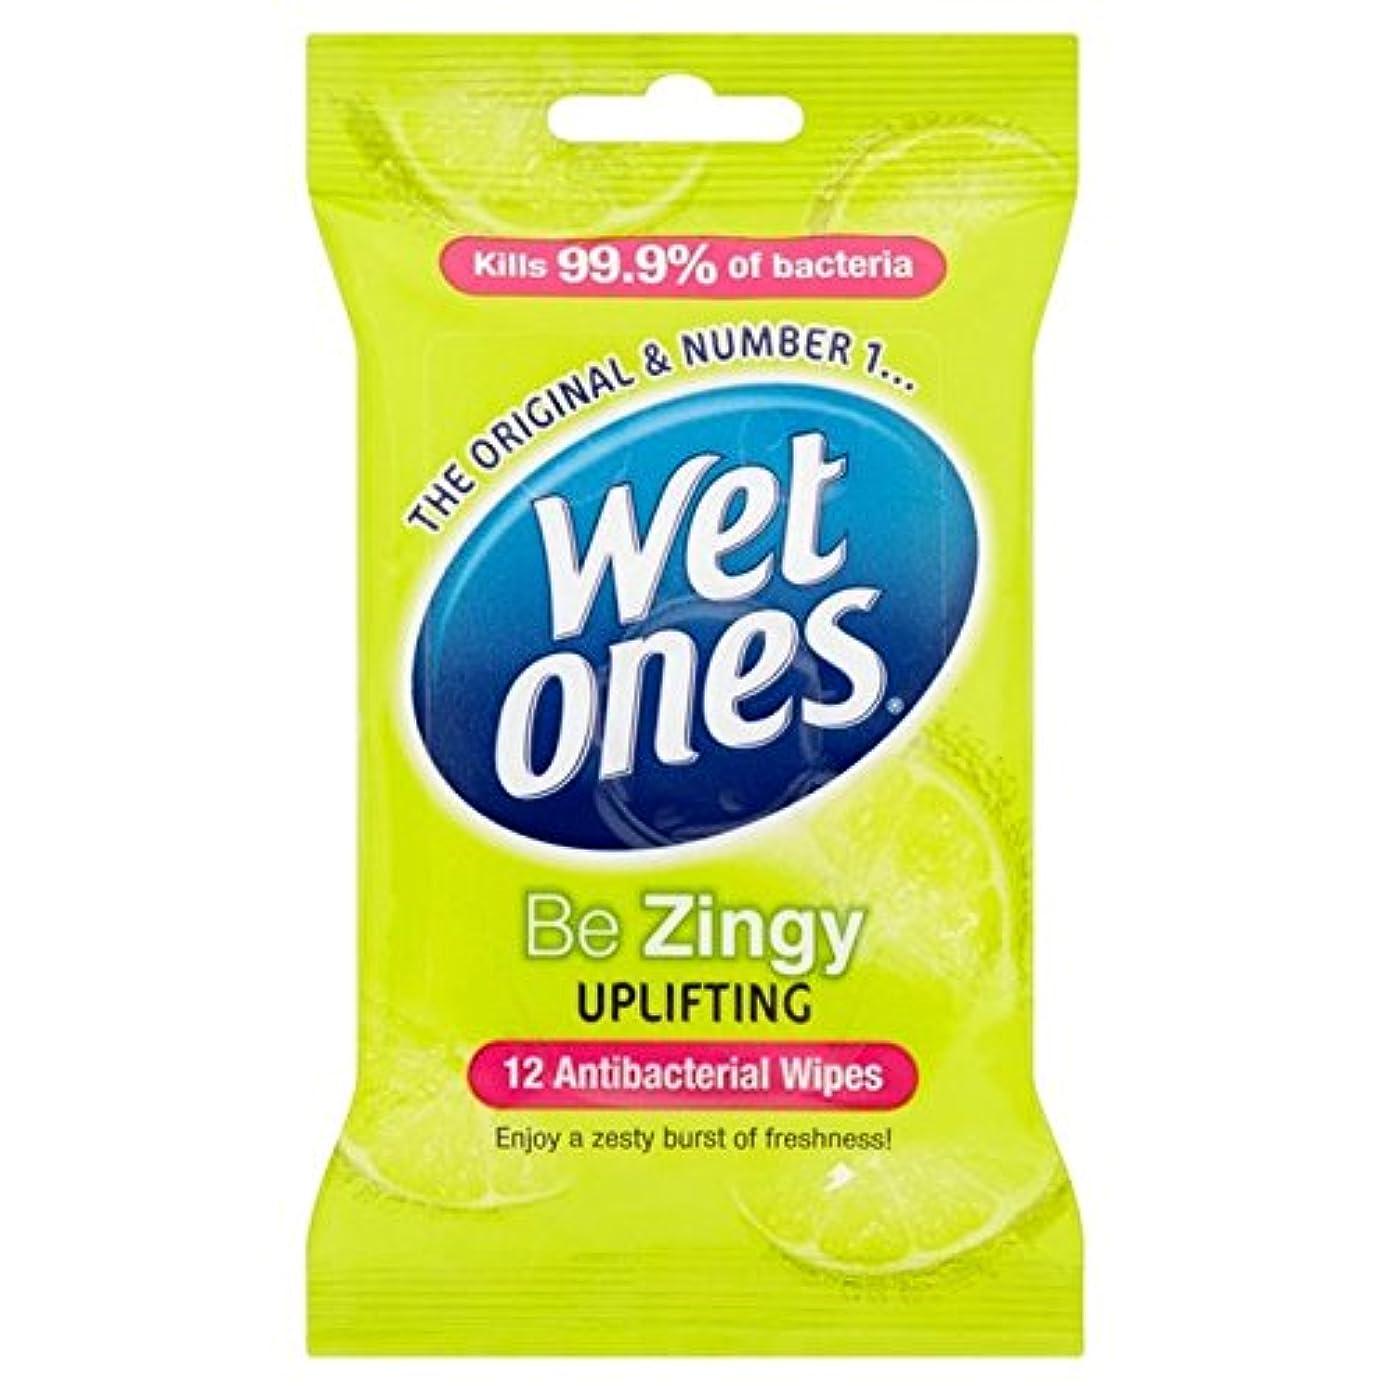 掃く格納価値のない抗バクテリアをクレンジング湿ったものはパックごとに12ワイプ x2 - Wet Ones Cleansing Anti Bacterial Wipes 12 per pack (Pack of 2) [並行輸入品]